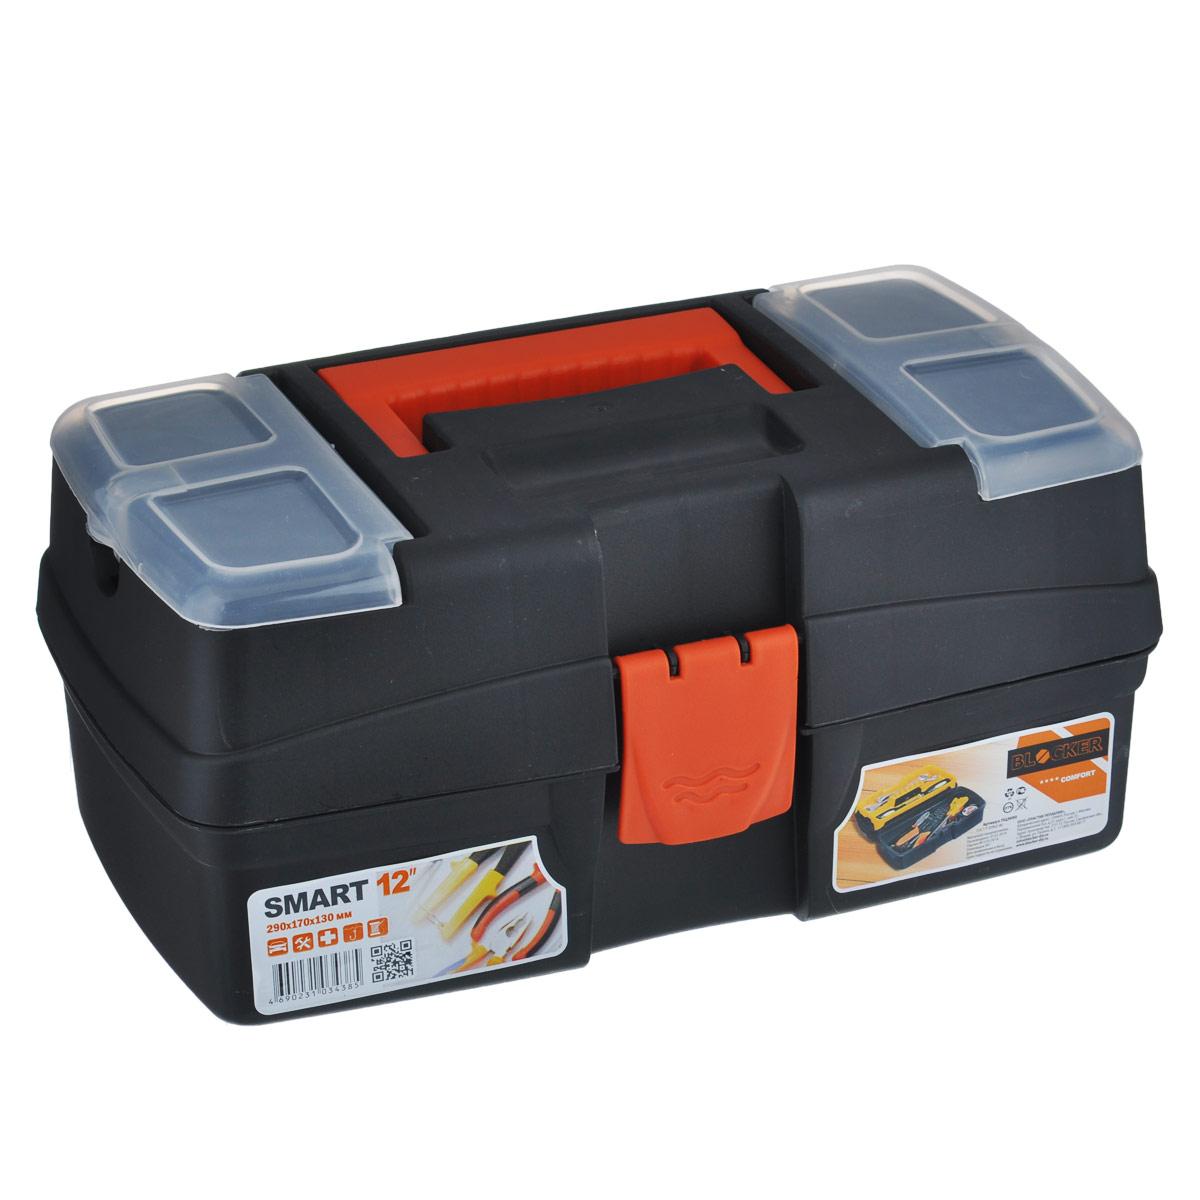 """Ящик для инструментов Blocker """"Smart"""", с органайзером, цвет: черный, красный, 29 х 17 х 13 см"""